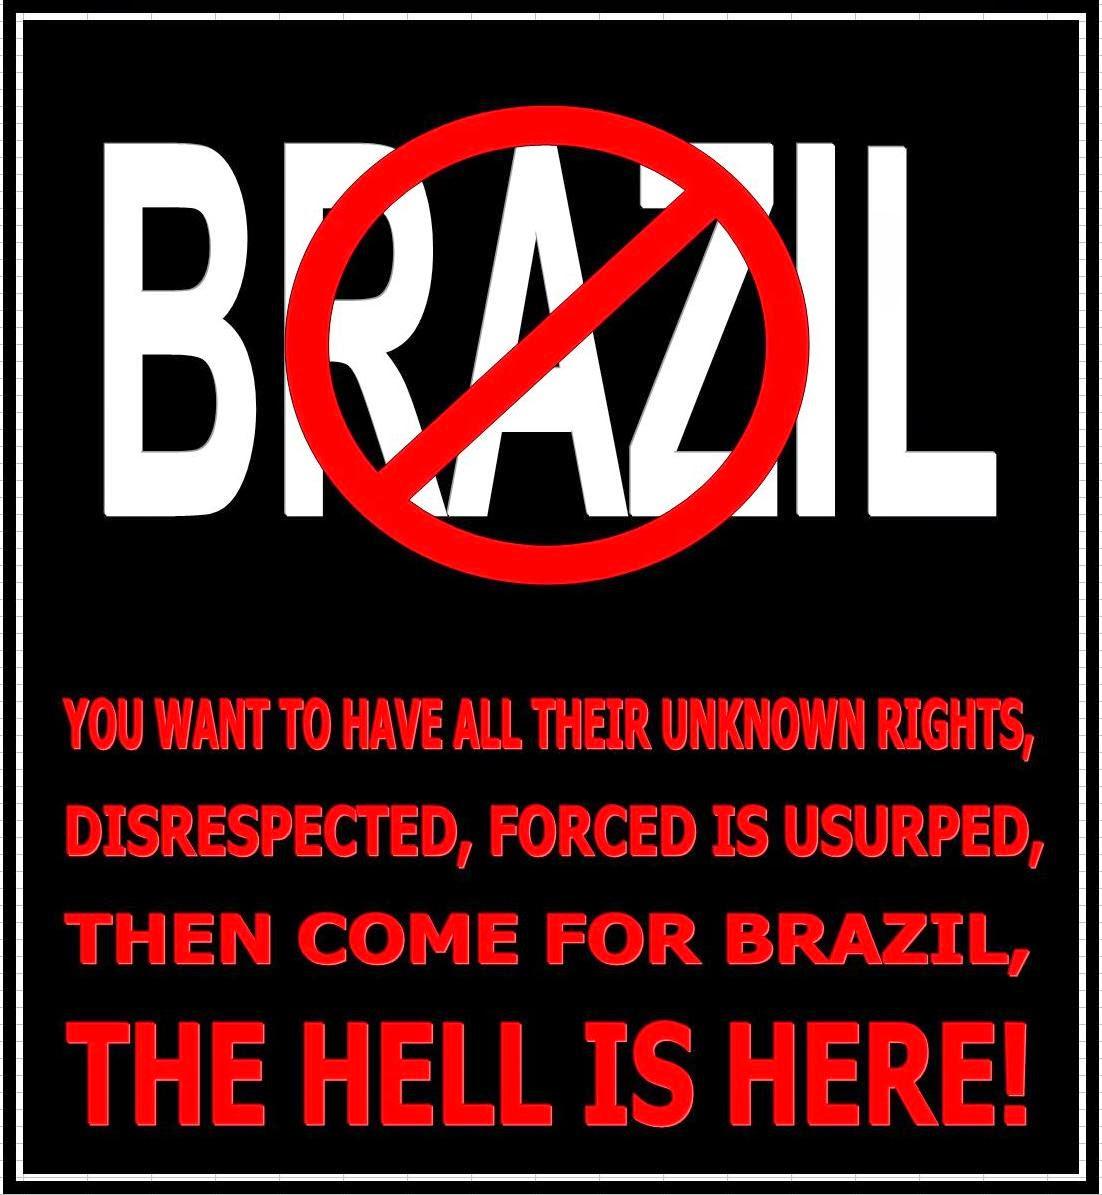 BRAZIL, O INFERNO É AQUI!